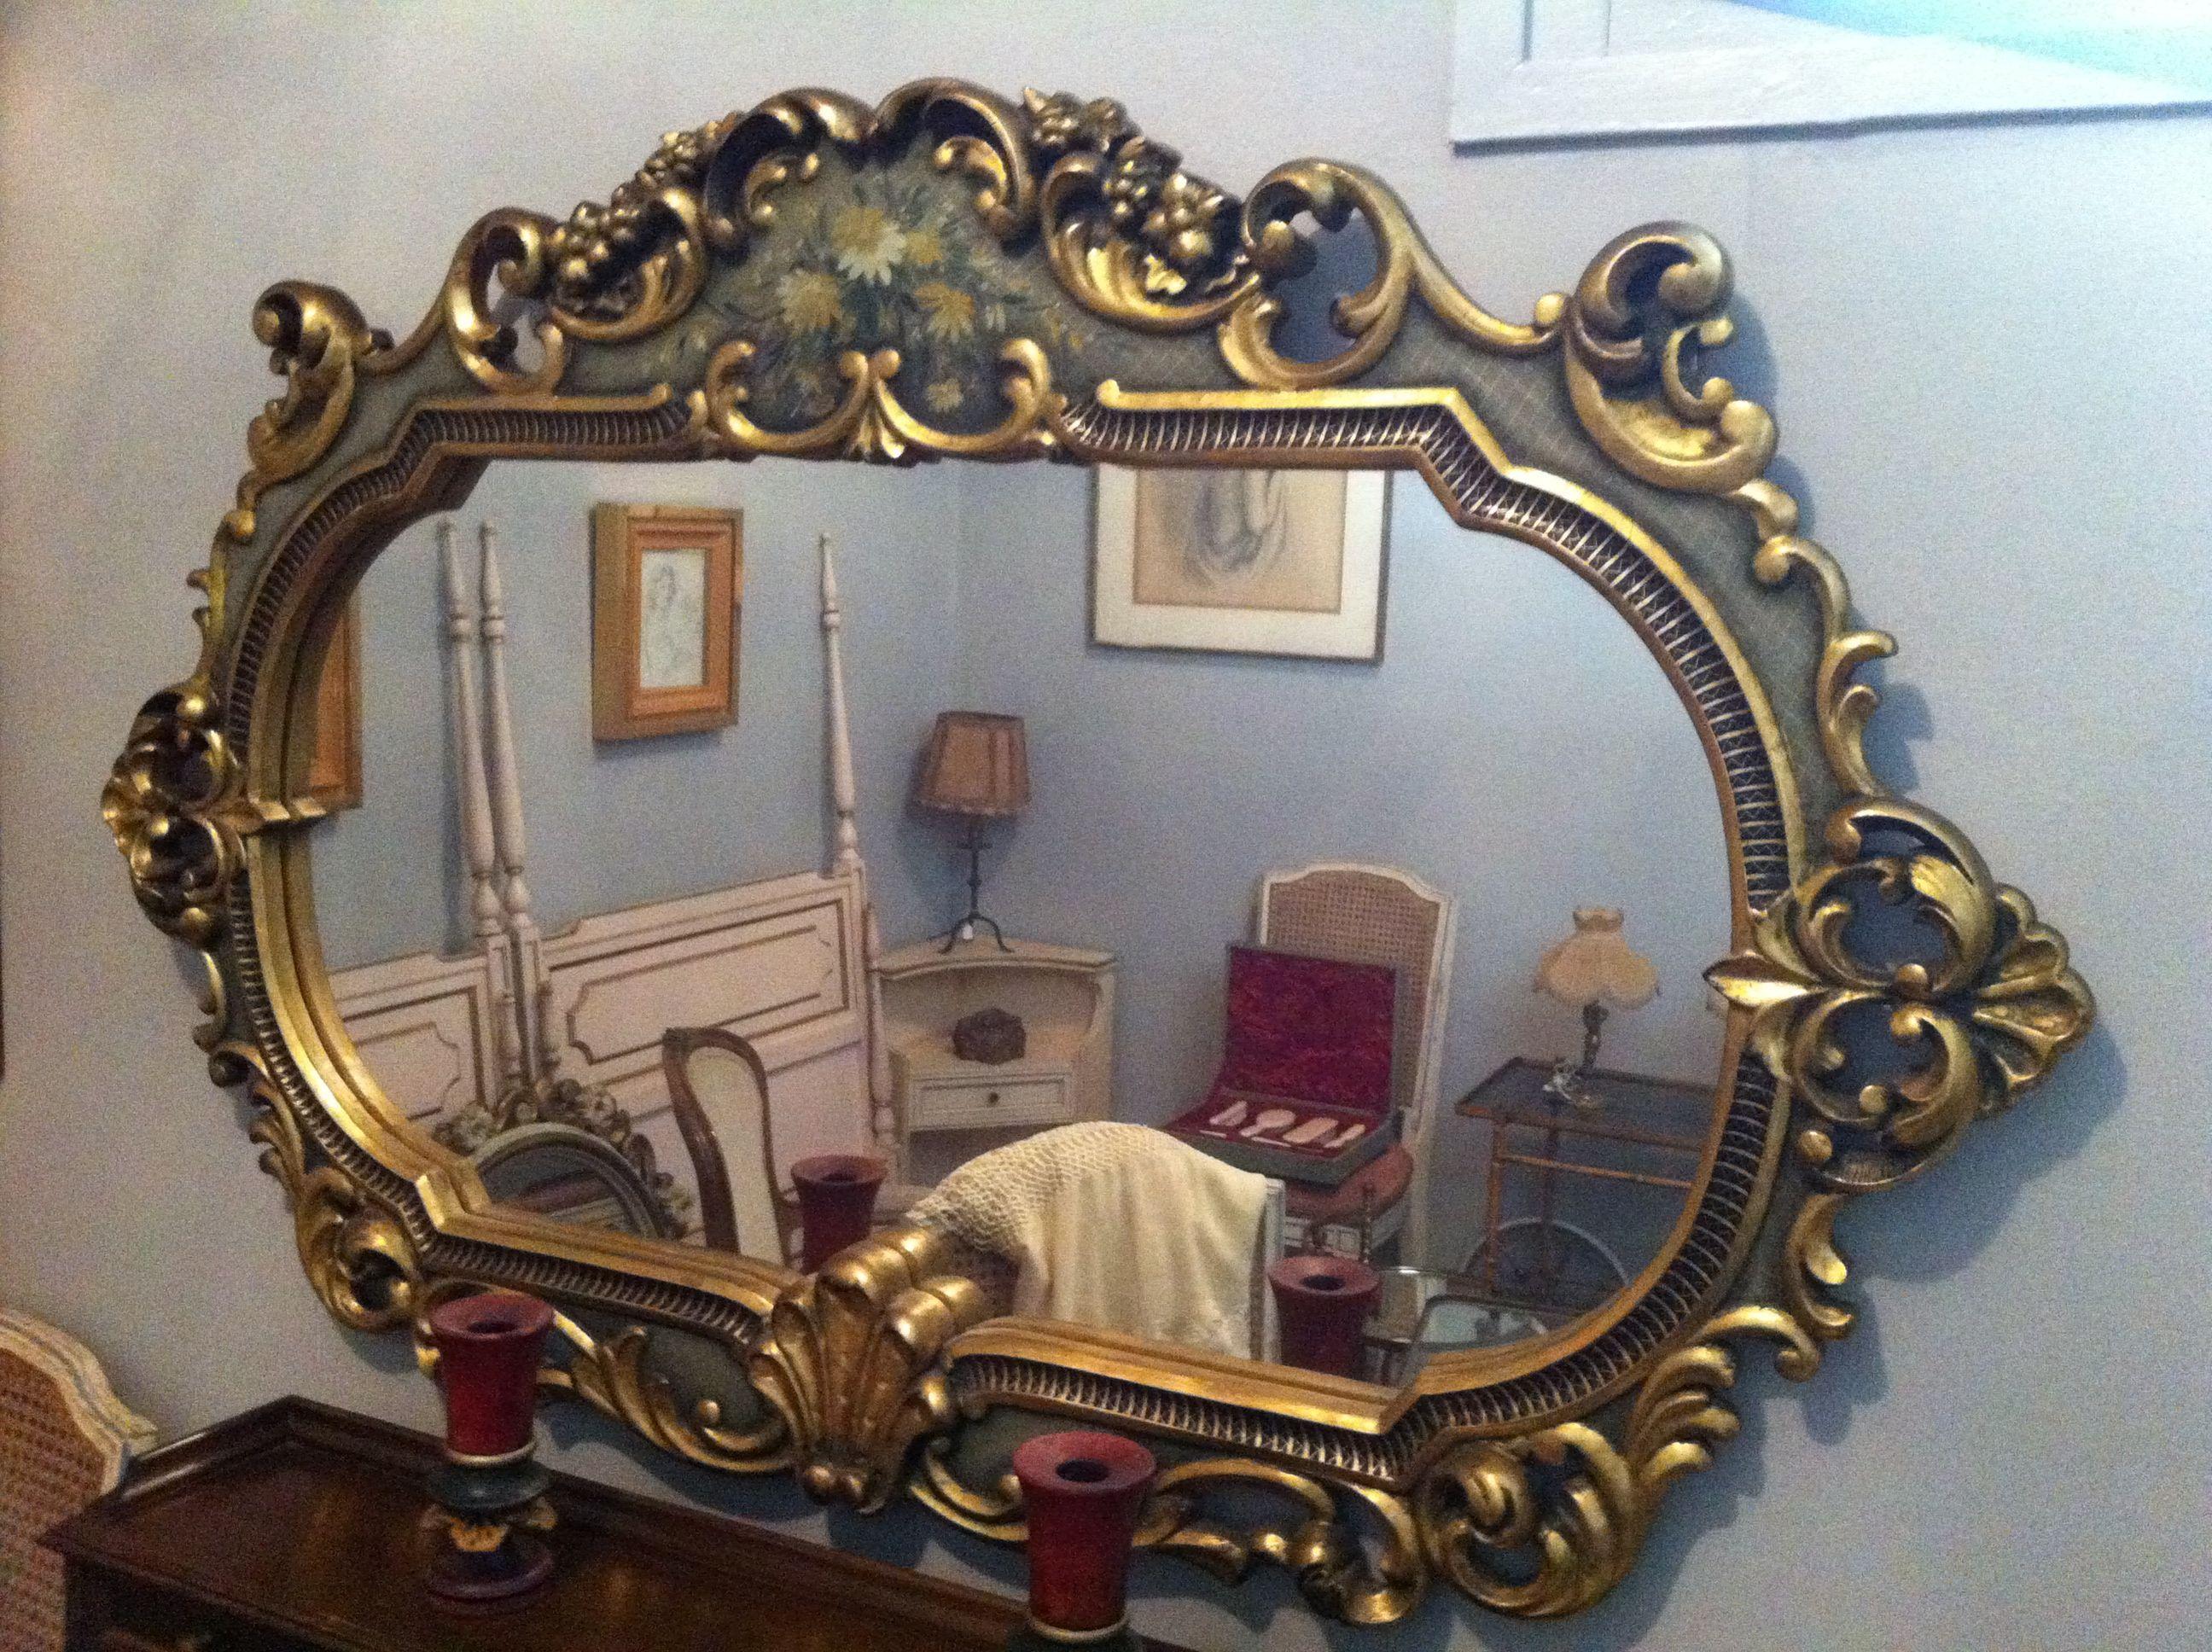 PORTOBELLO VINTAGE - CATALEG: Gran espejo vintage | marcos ...